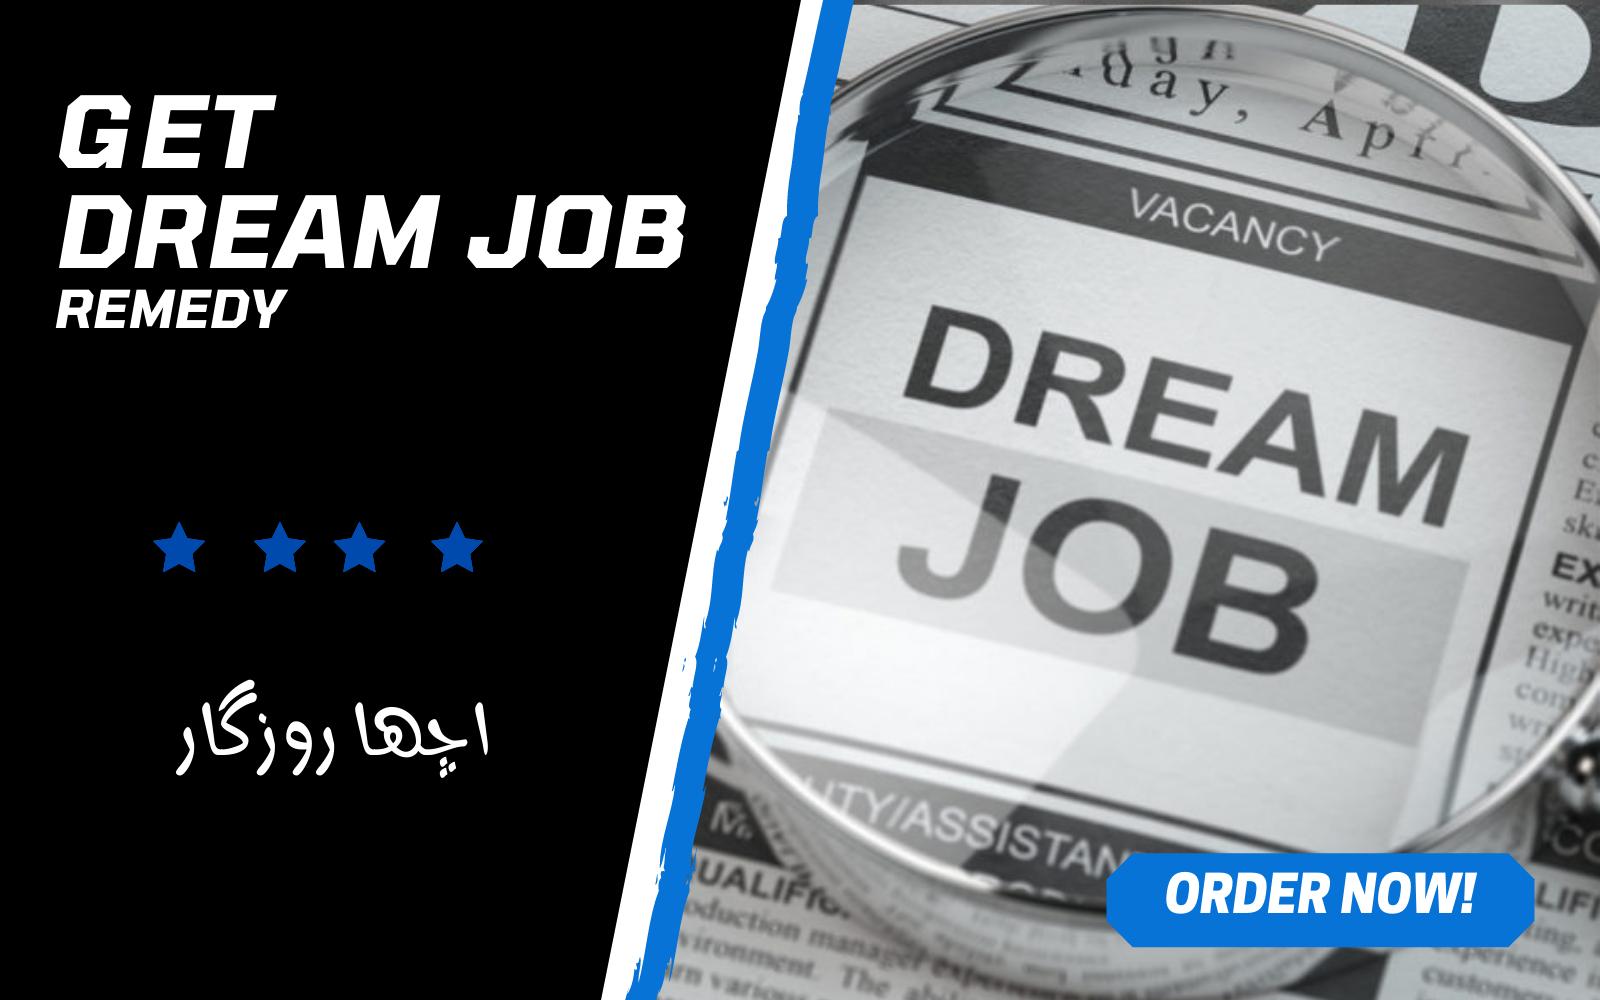 Will Cast a Dream Job Employment Spell